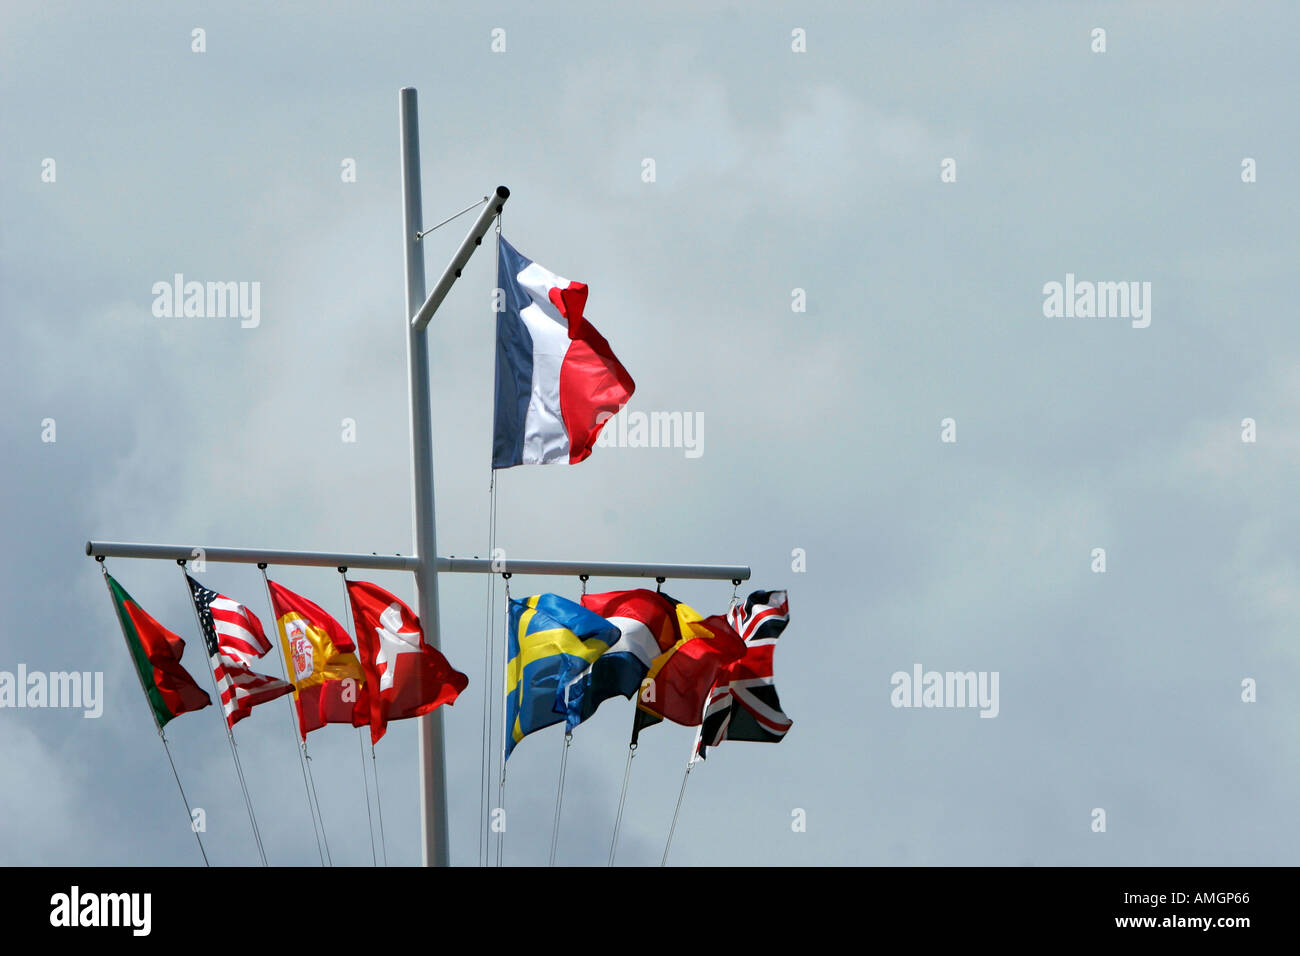 Drapeau français vole au dessus d autres drapeaux de nations près